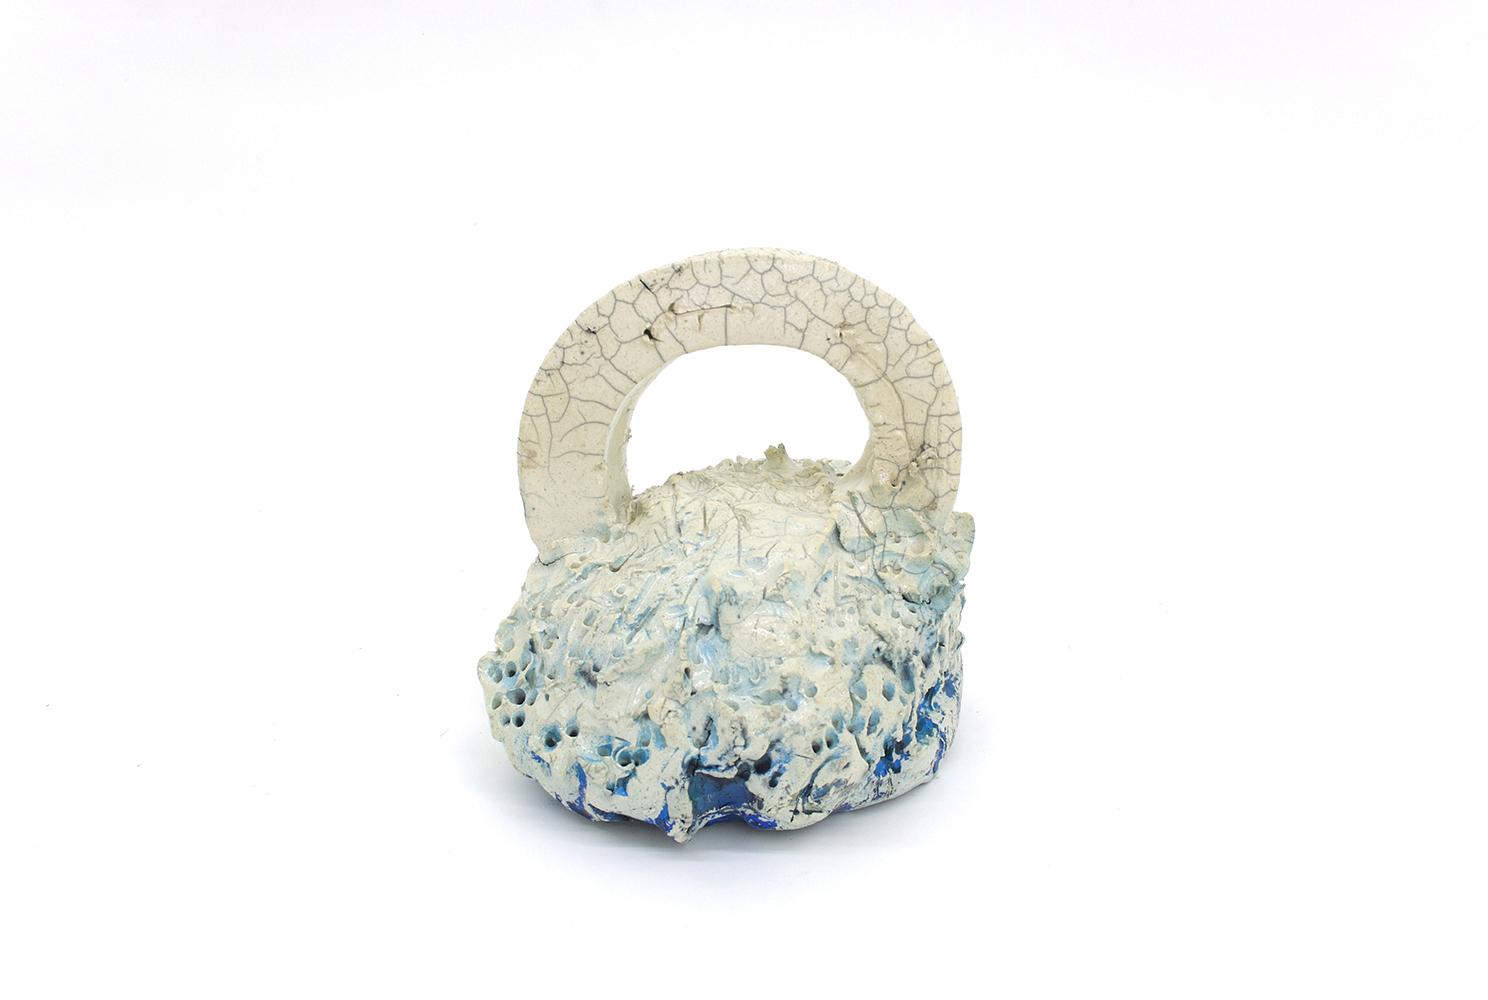 """Philippe Caron Lefebvre,  Théière sans bec , 2018-2019, ceramic, glaze and paint, 23 x 20 x 20 cm (8"""" x 9"""" x 9"""")"""